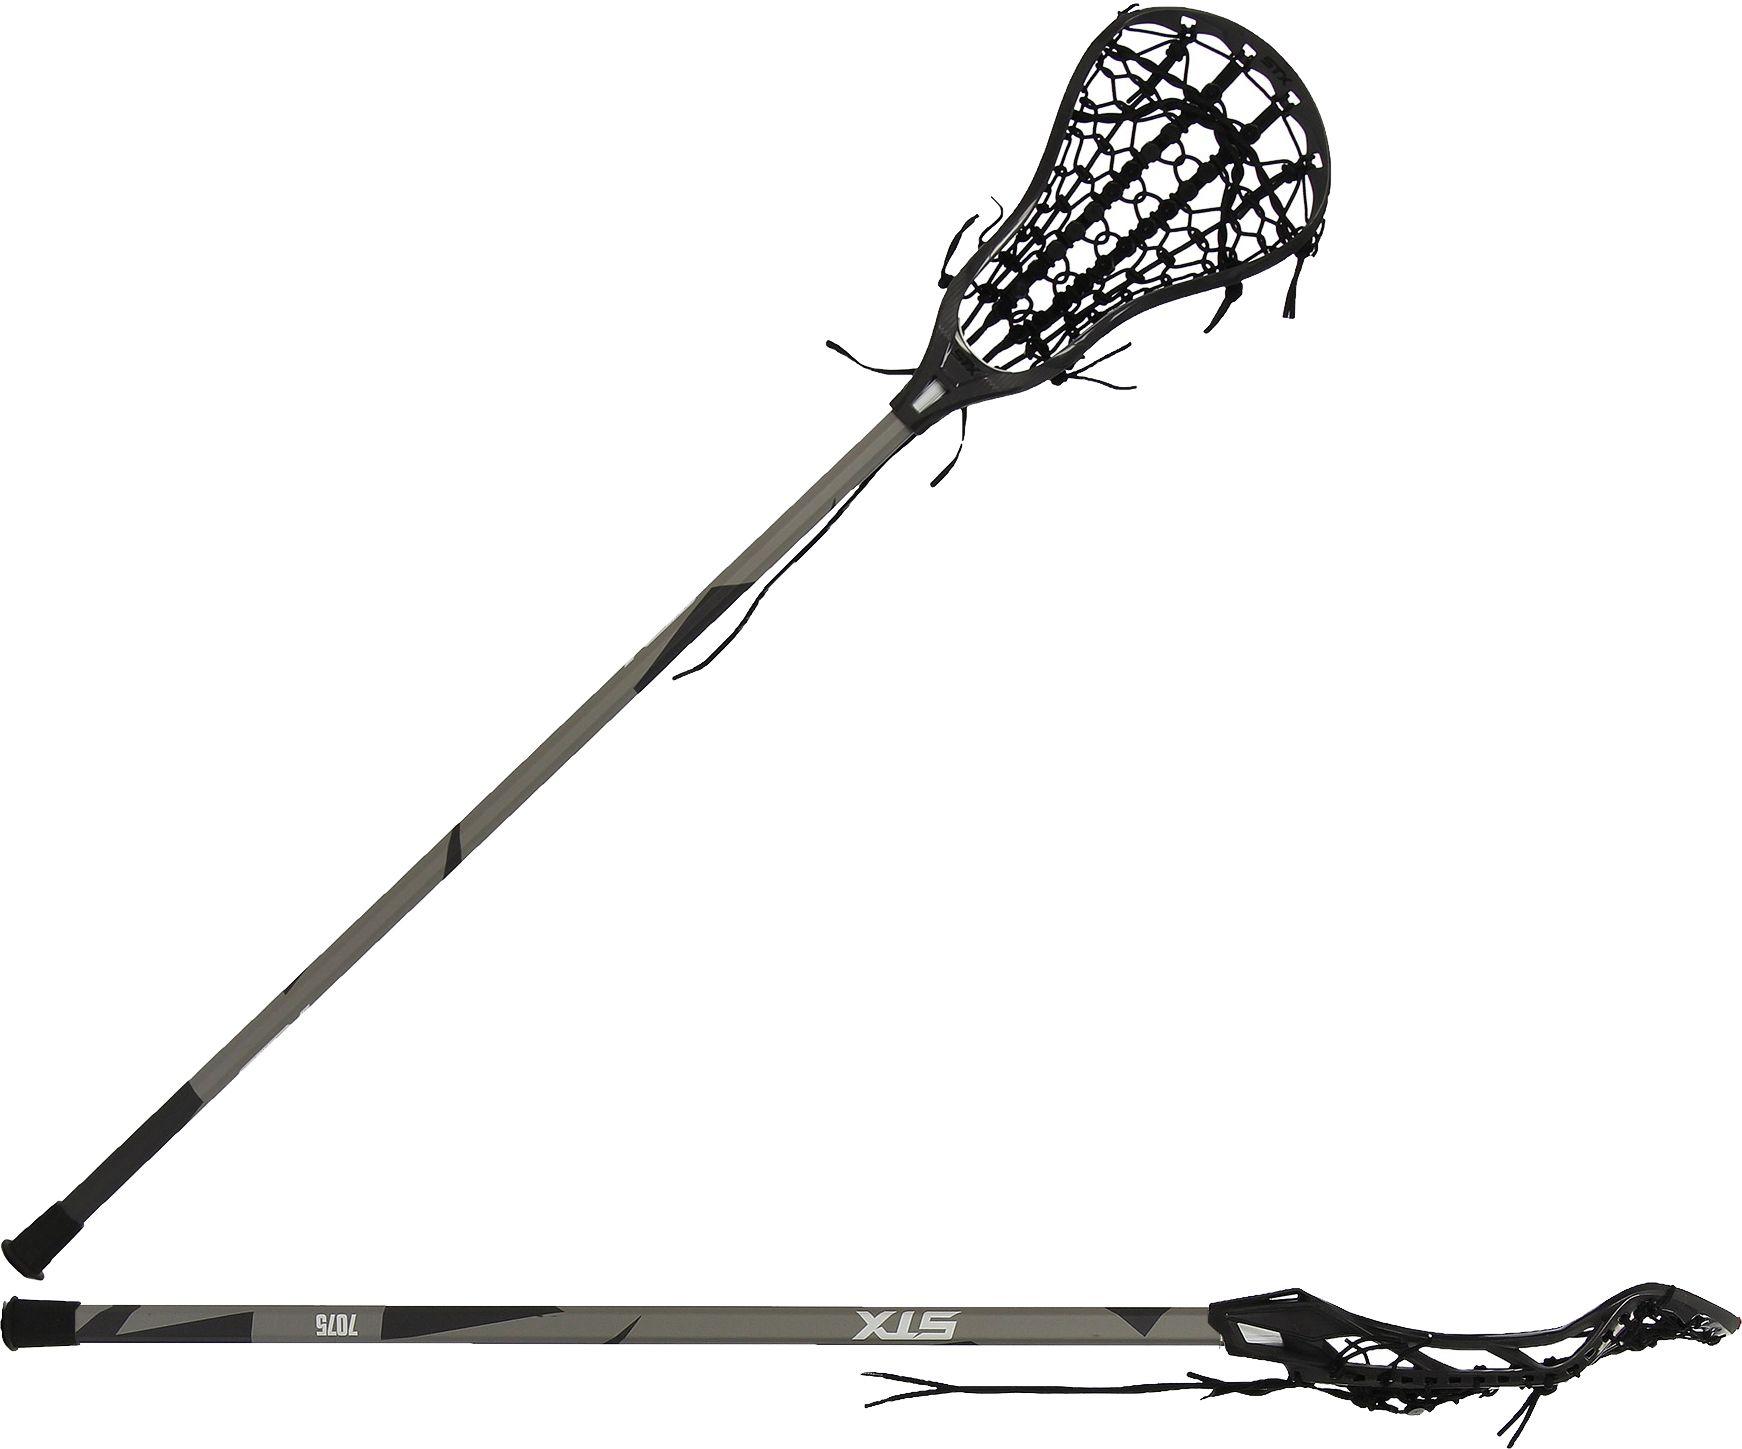 Lacrosse Stick Png Hd Transparent Lacrosse Stick Hd Png